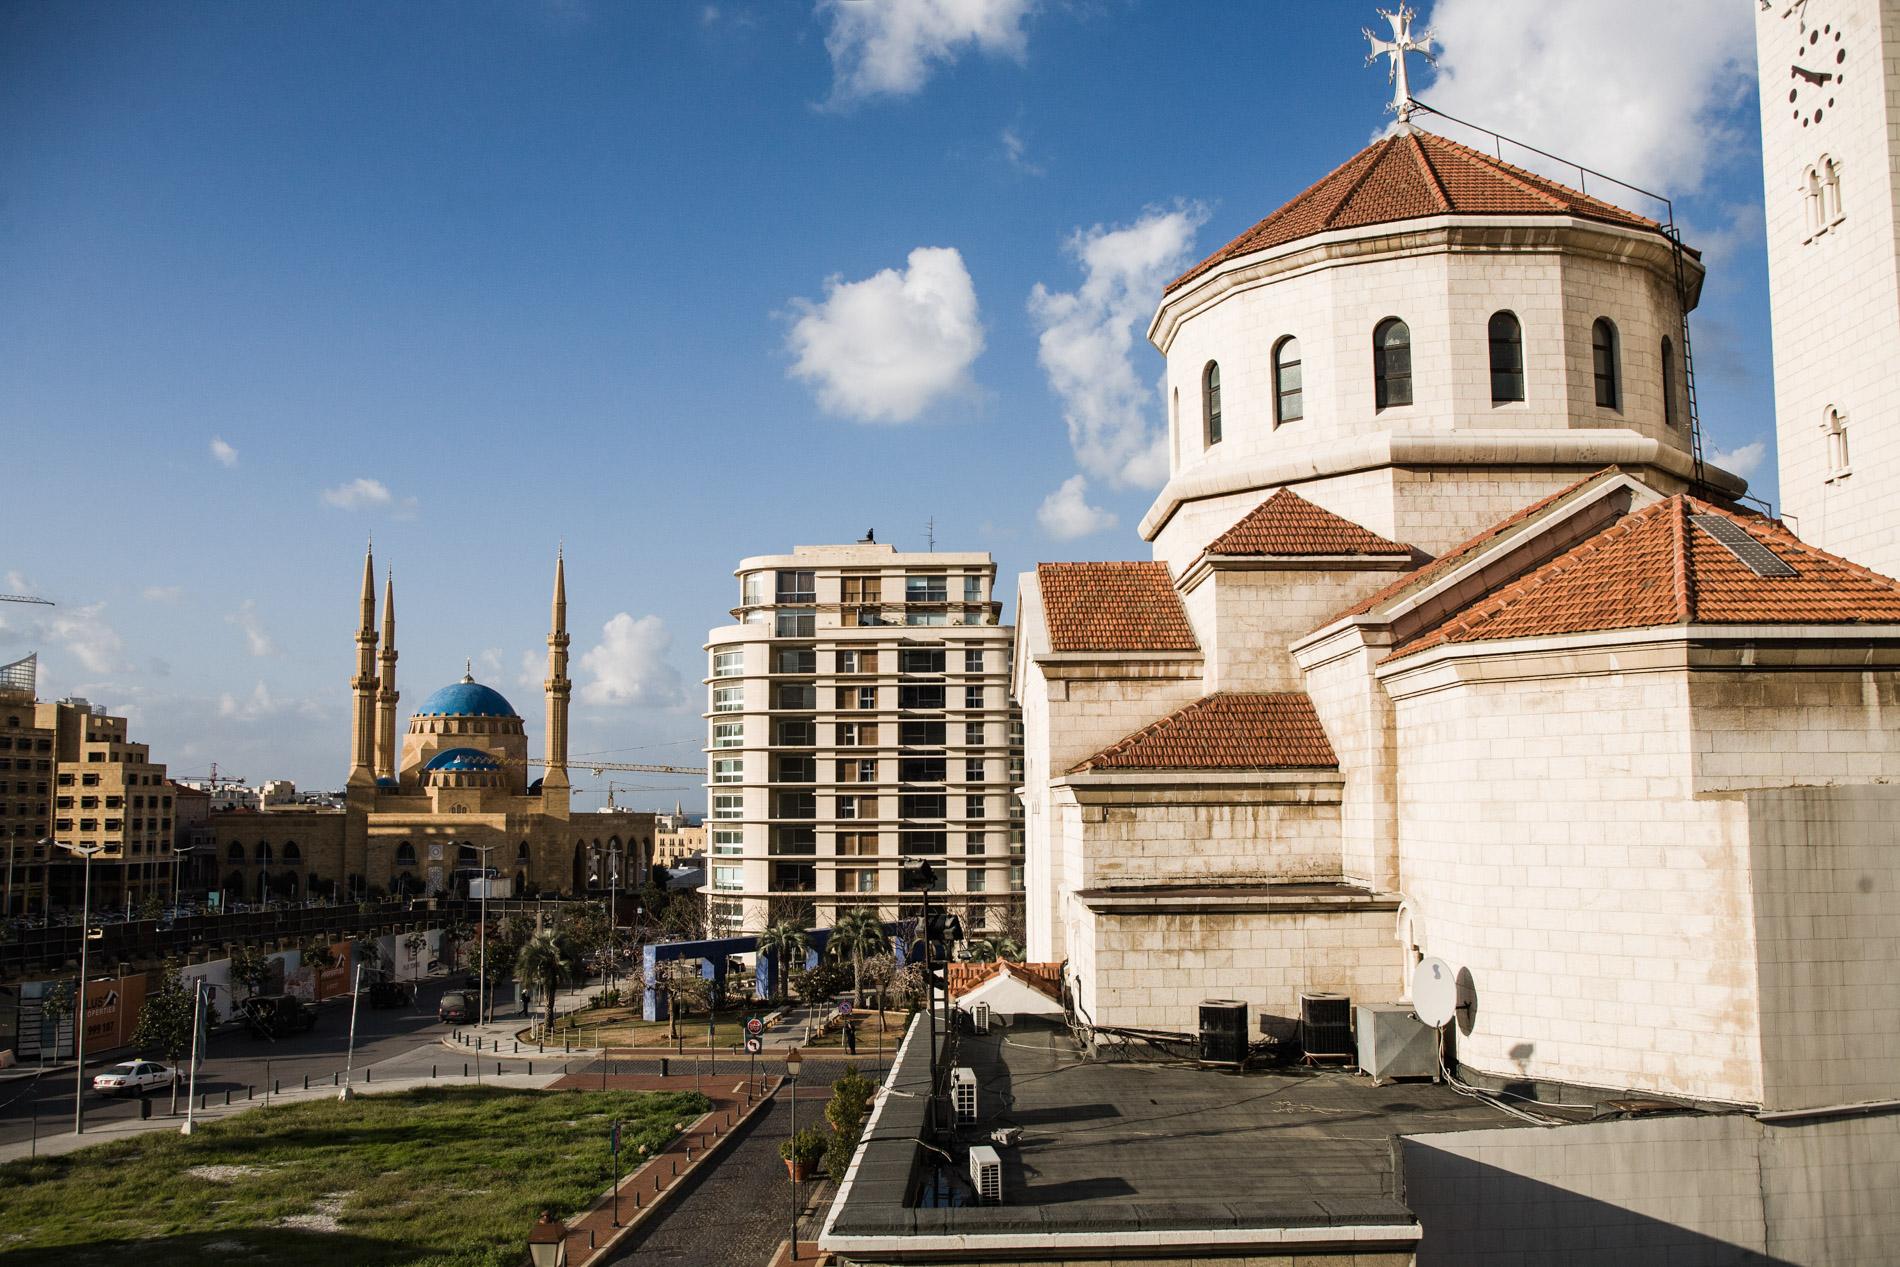 Mosquée et église dans le centre ville de Beyrouth - A mosque and a church downtown Beirut.